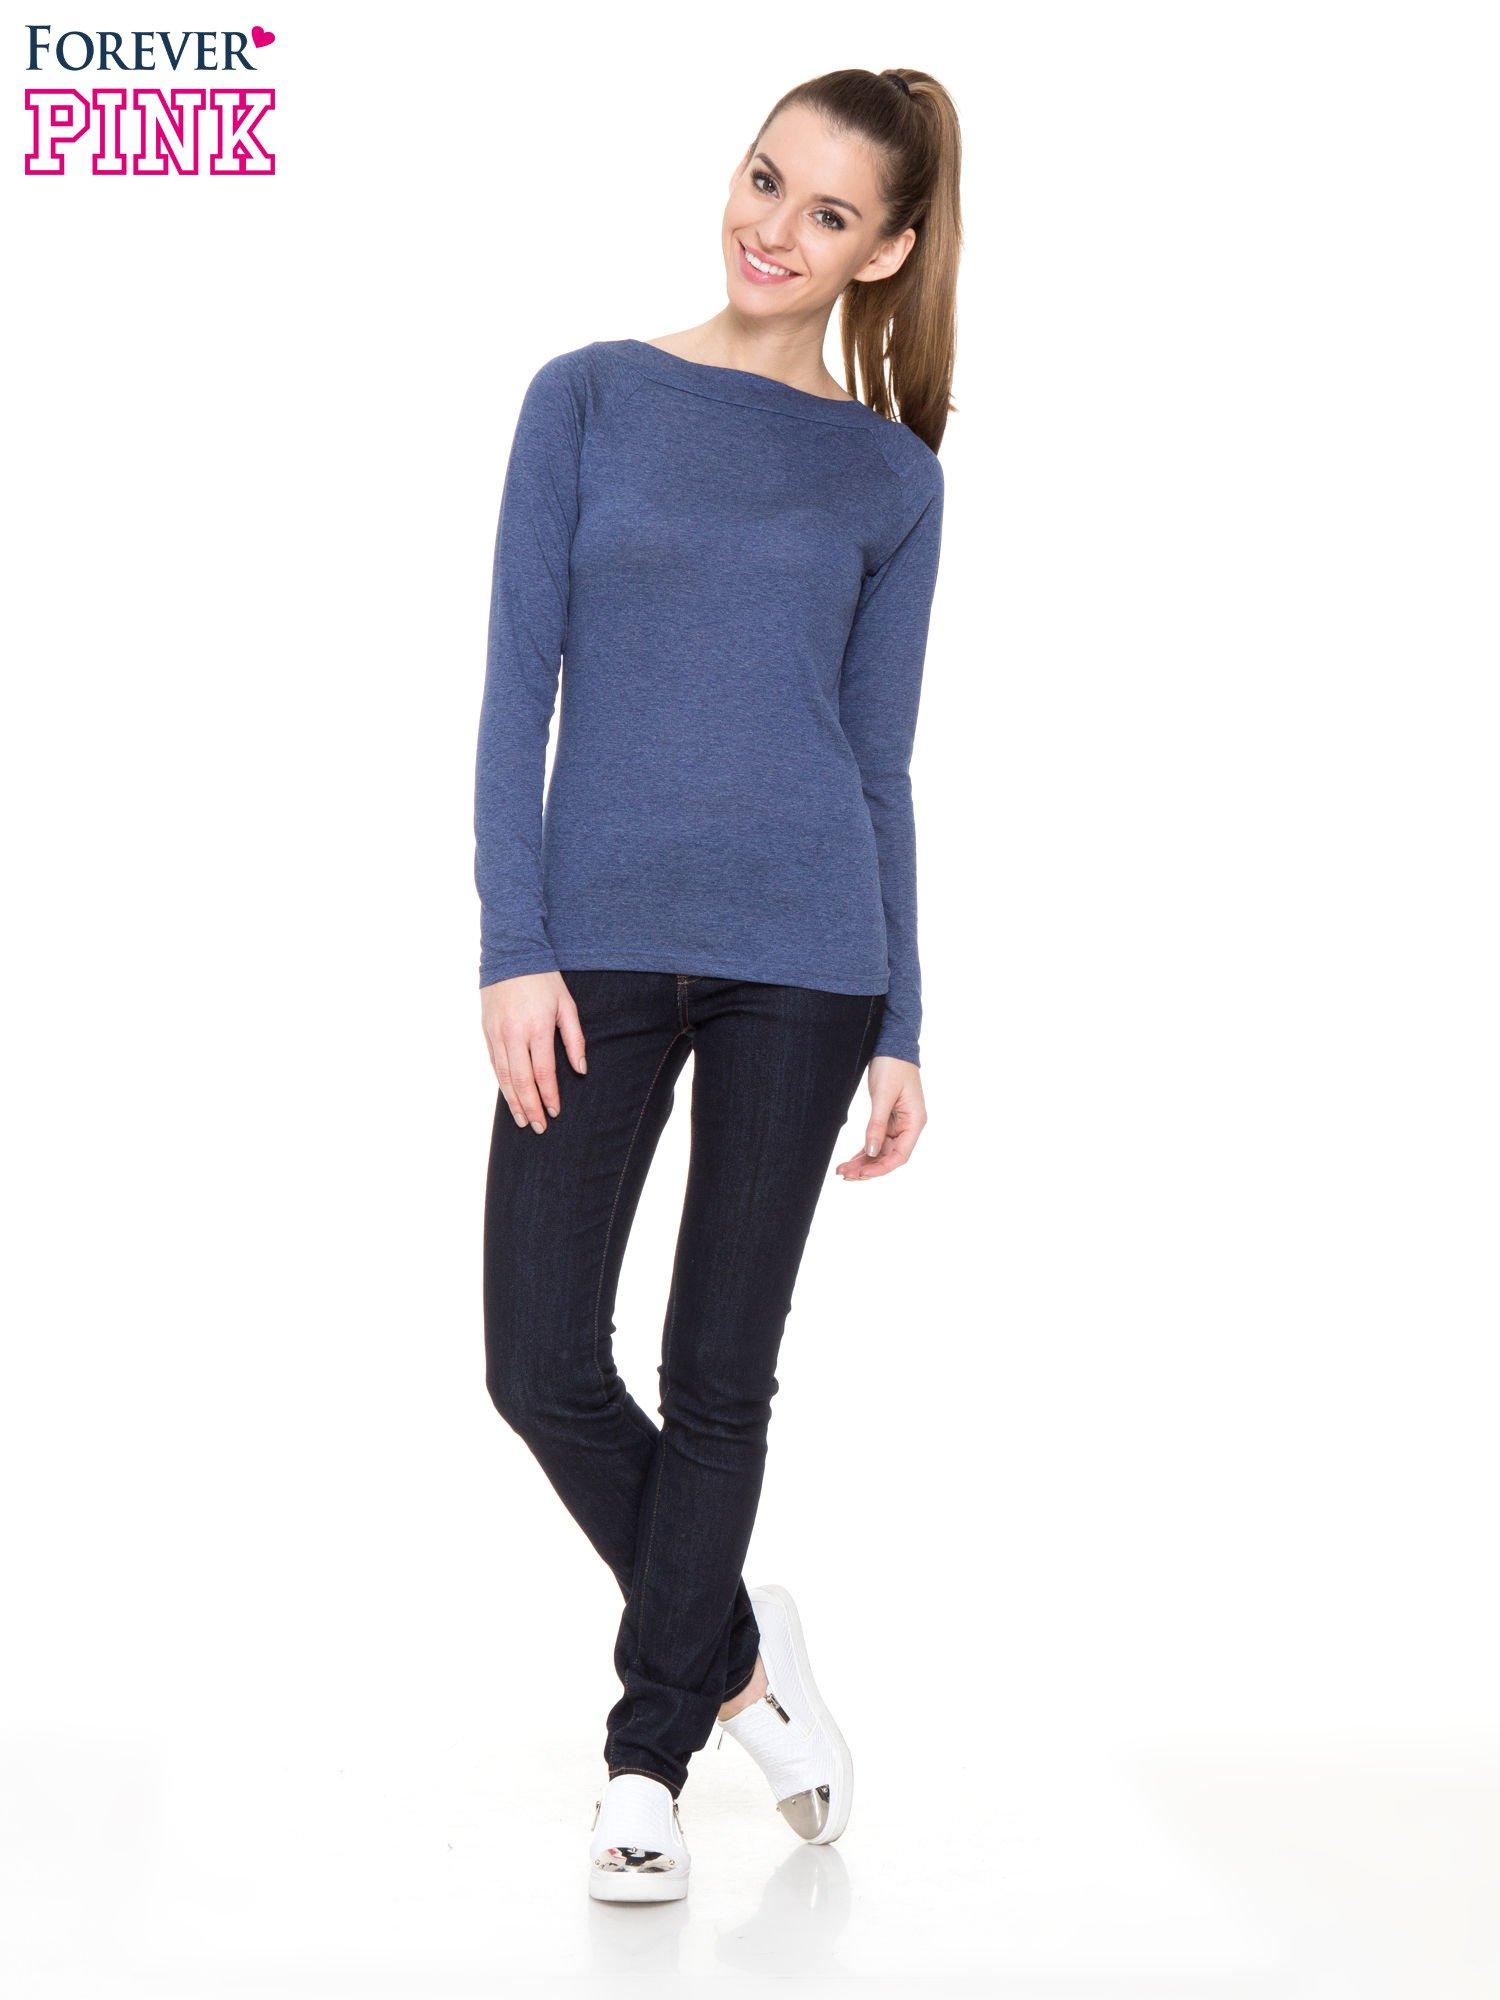 Niebieska melanżowa gładka bluzka z reglanowymi rękawami                                  zdj.                                  2